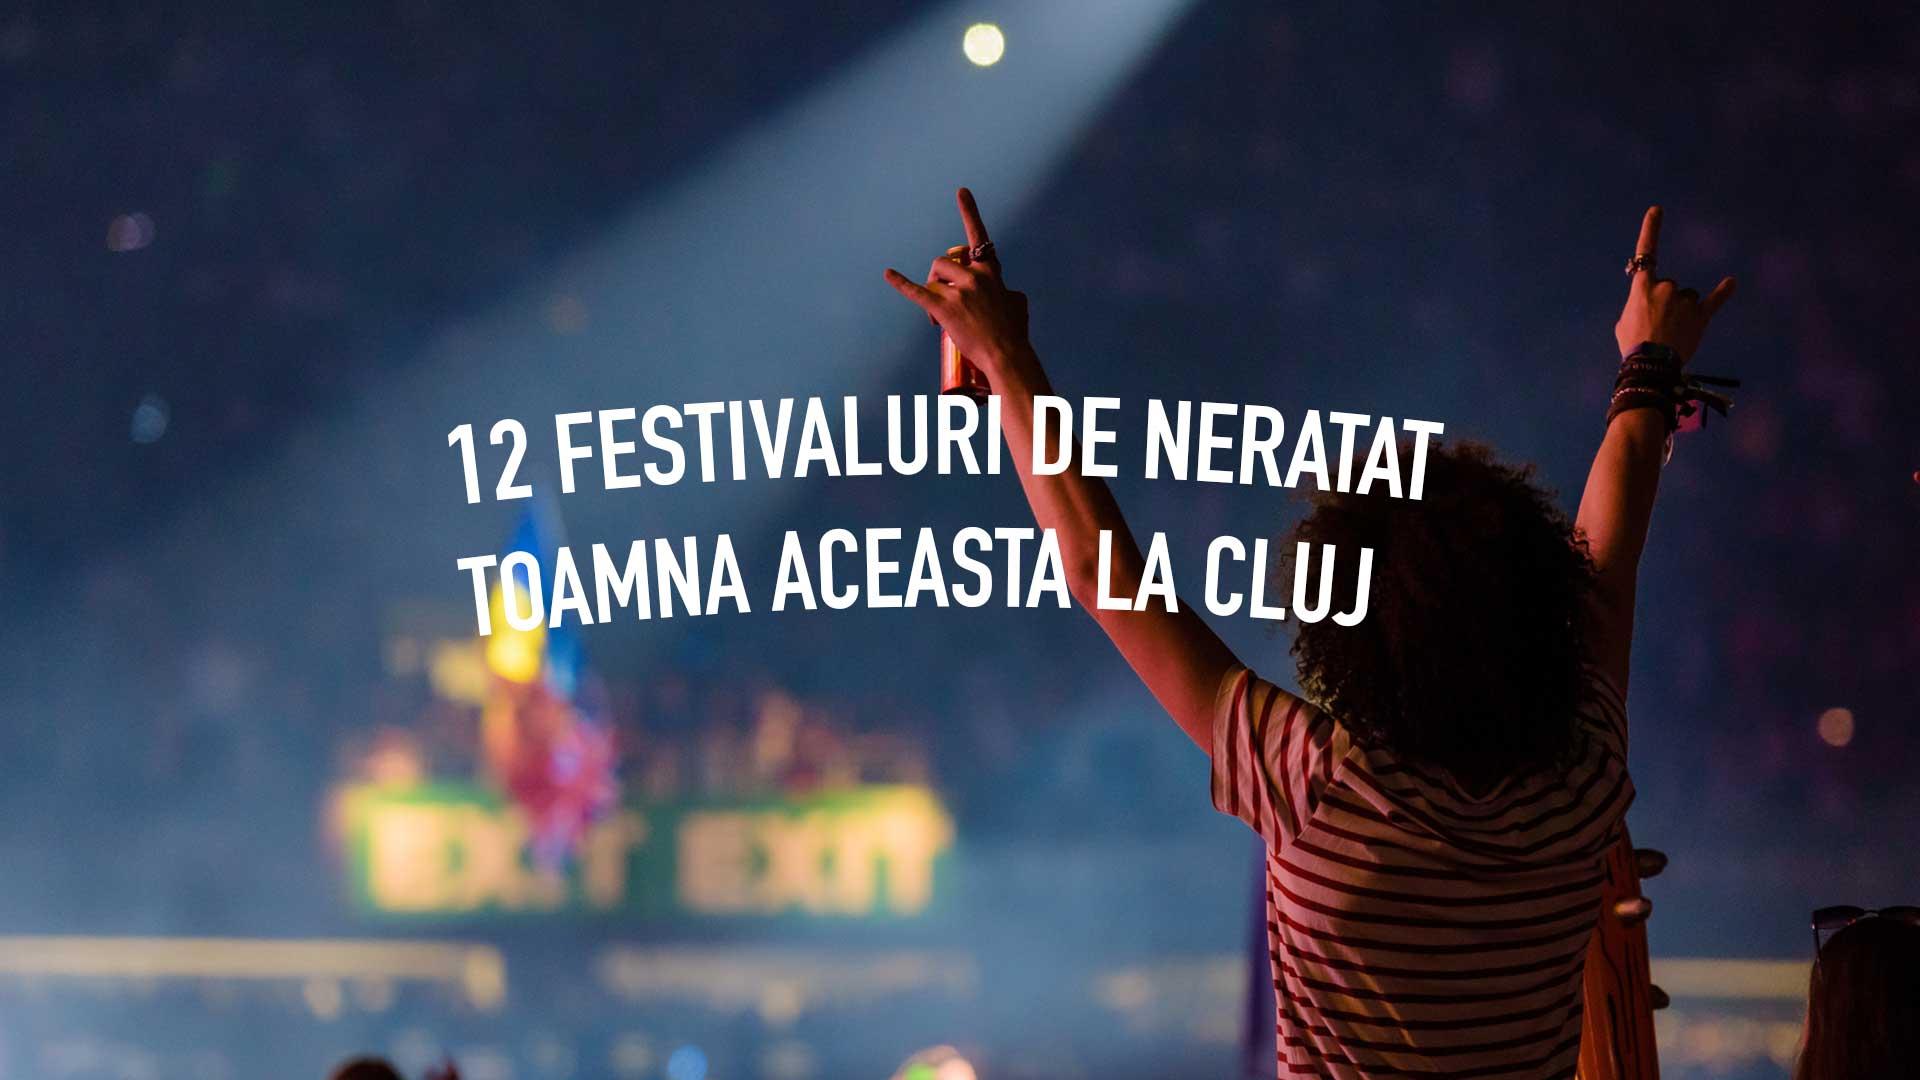 12 festivaluri de neratat toamna aceasta la Cluj